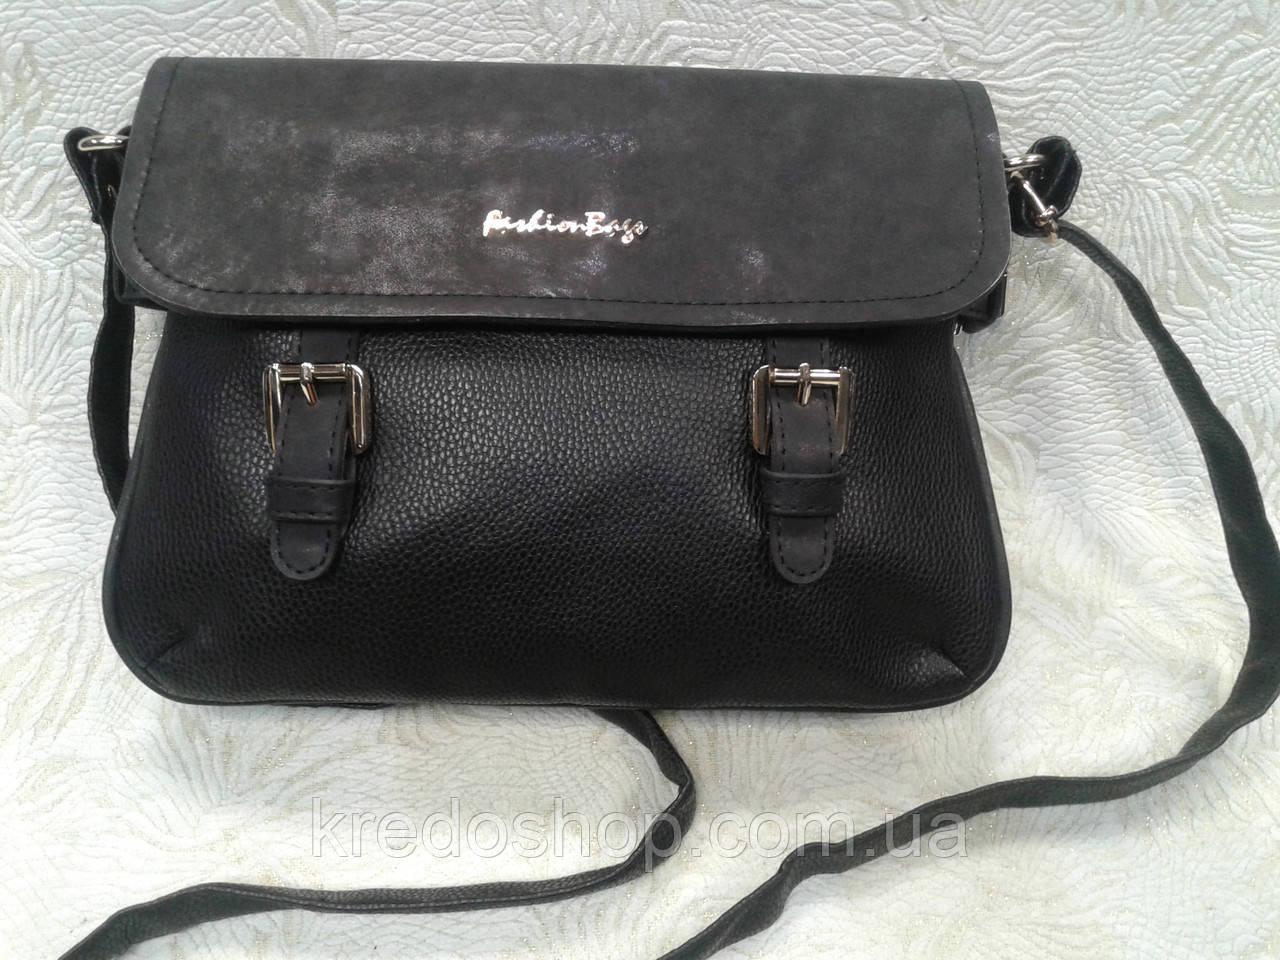 24be1ed51d31 Сумка женская черная свободного стиля(Турция) - Интернет-магазин сумок и  аксессуаров